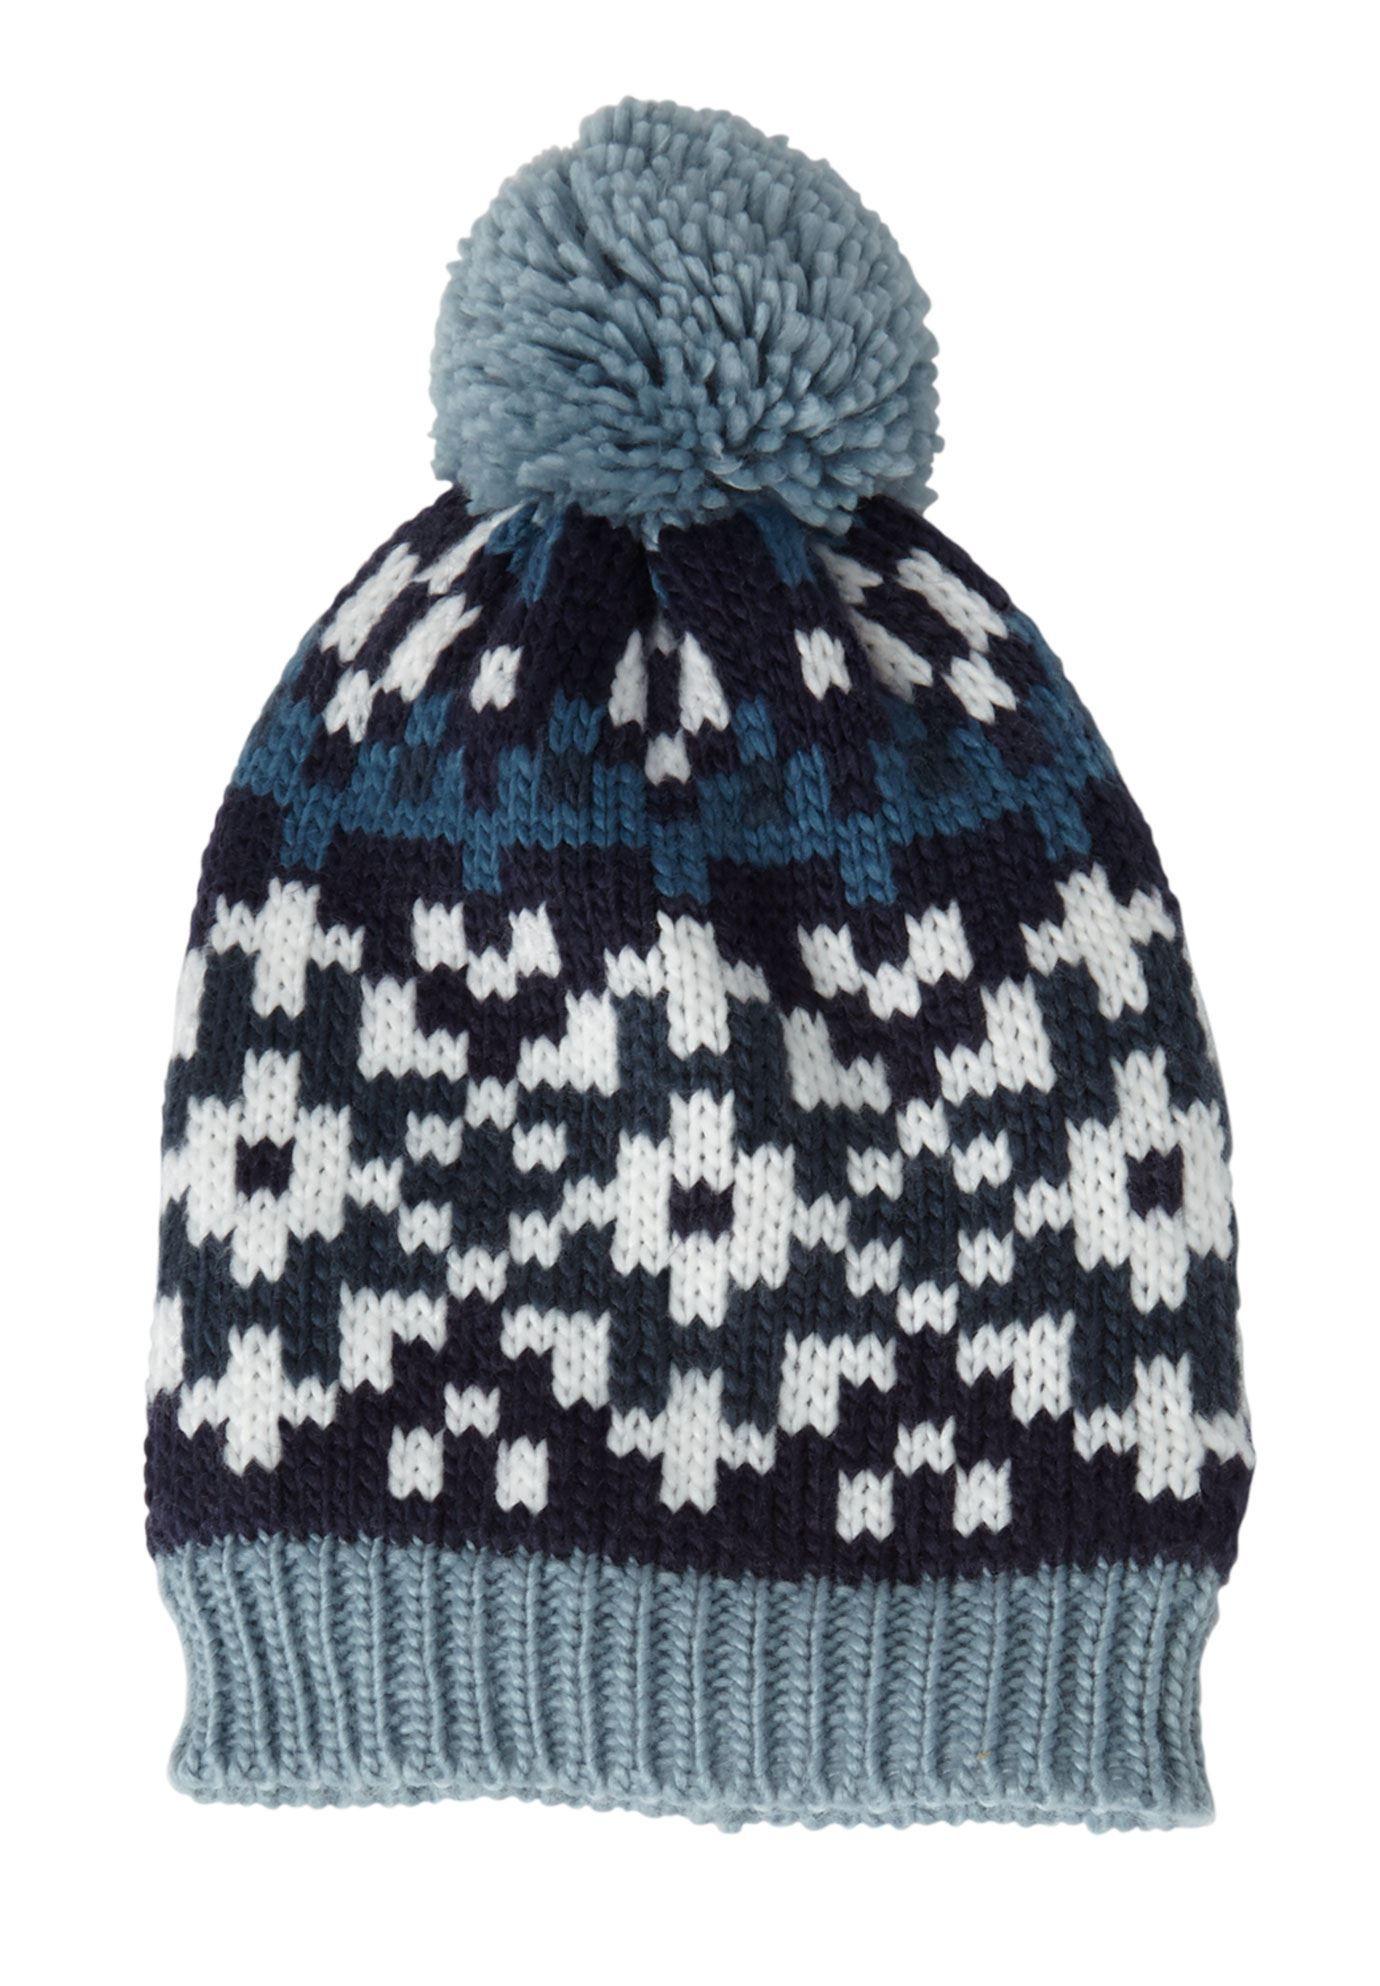 Nordic knit hat - Wide Width Women s  82b319c4aea